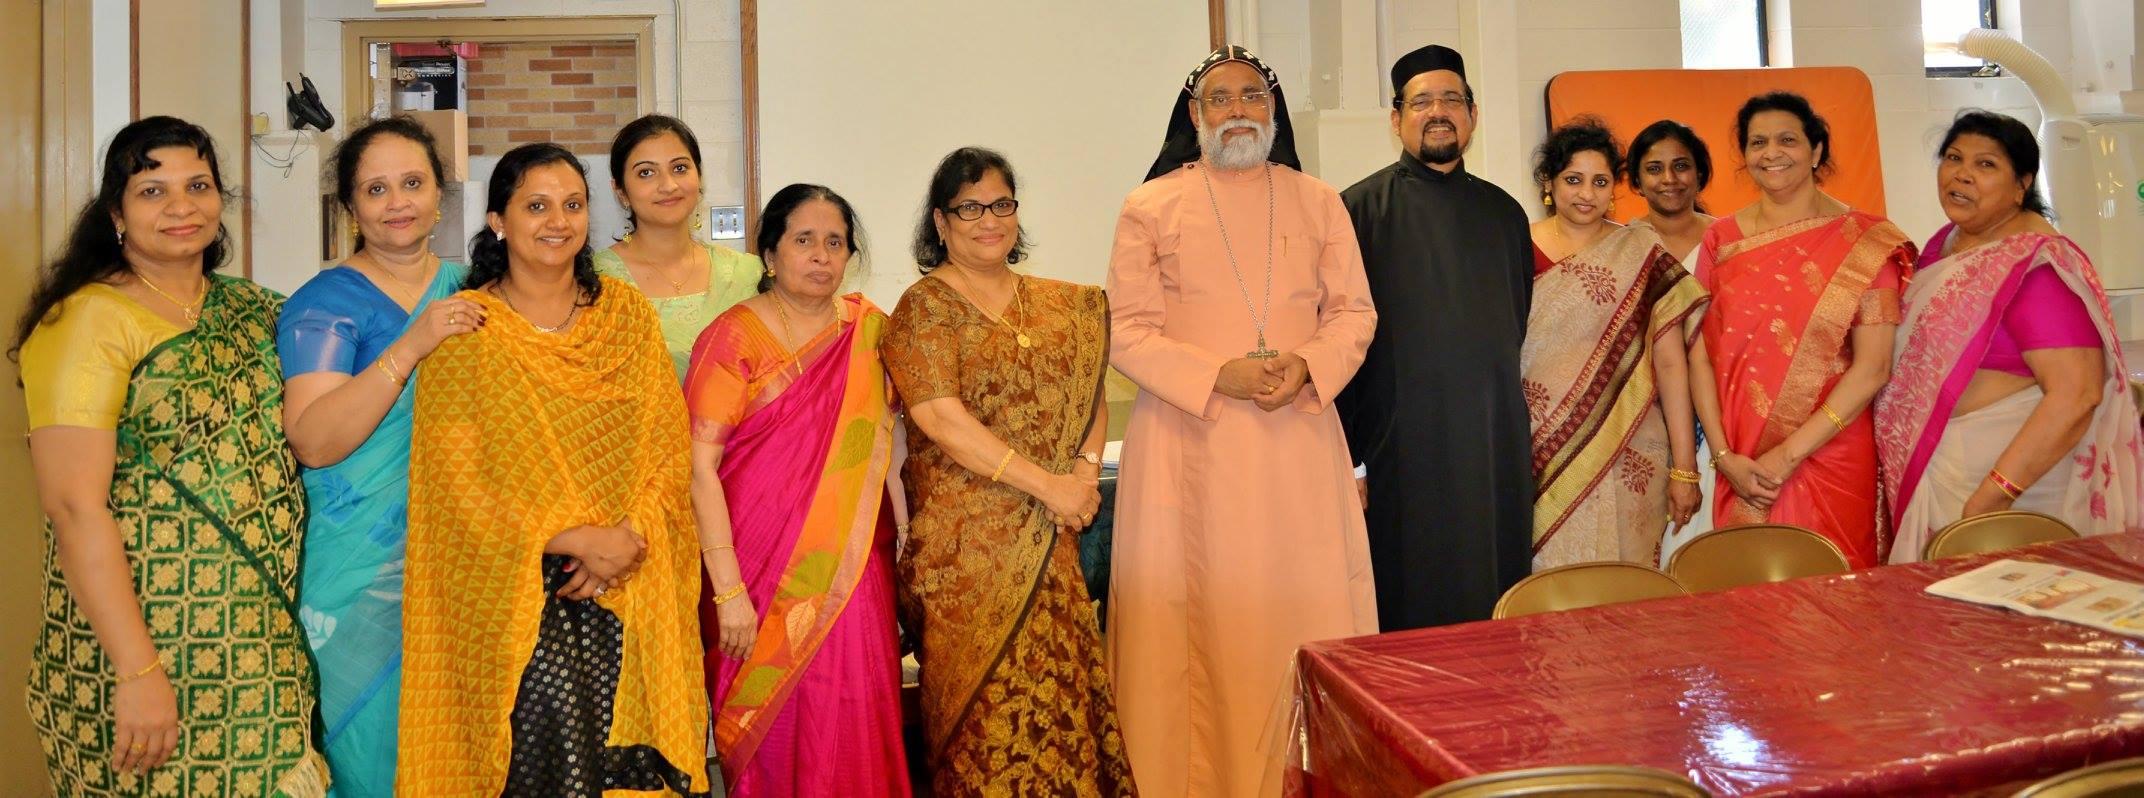 Meletius Thirumeni Visit on May 29th 2016